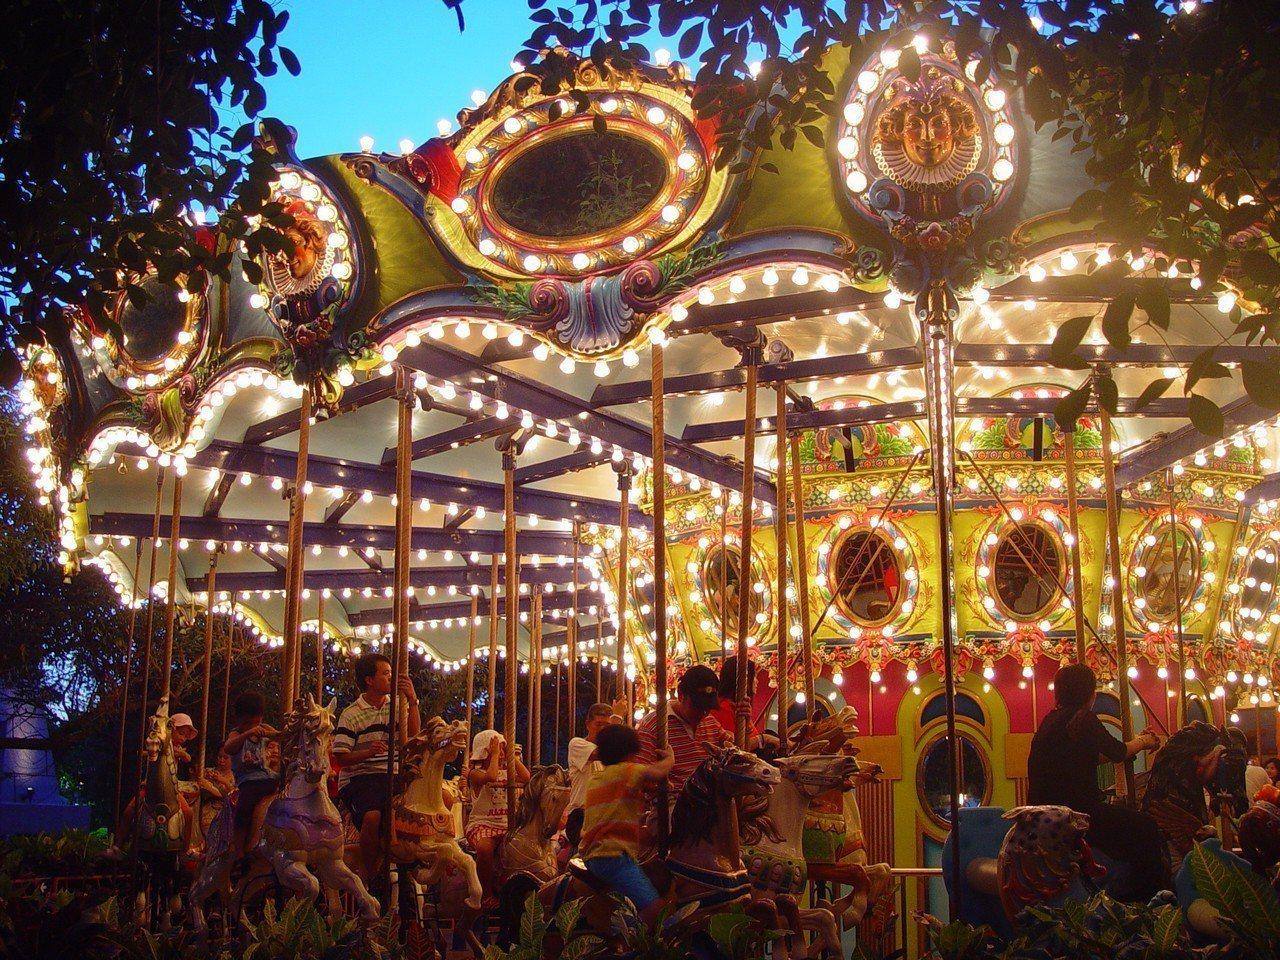 台中麗寶樂園推出228連假優惠活動,到麗寶送台中花博票。圖/麗寶樂園提供